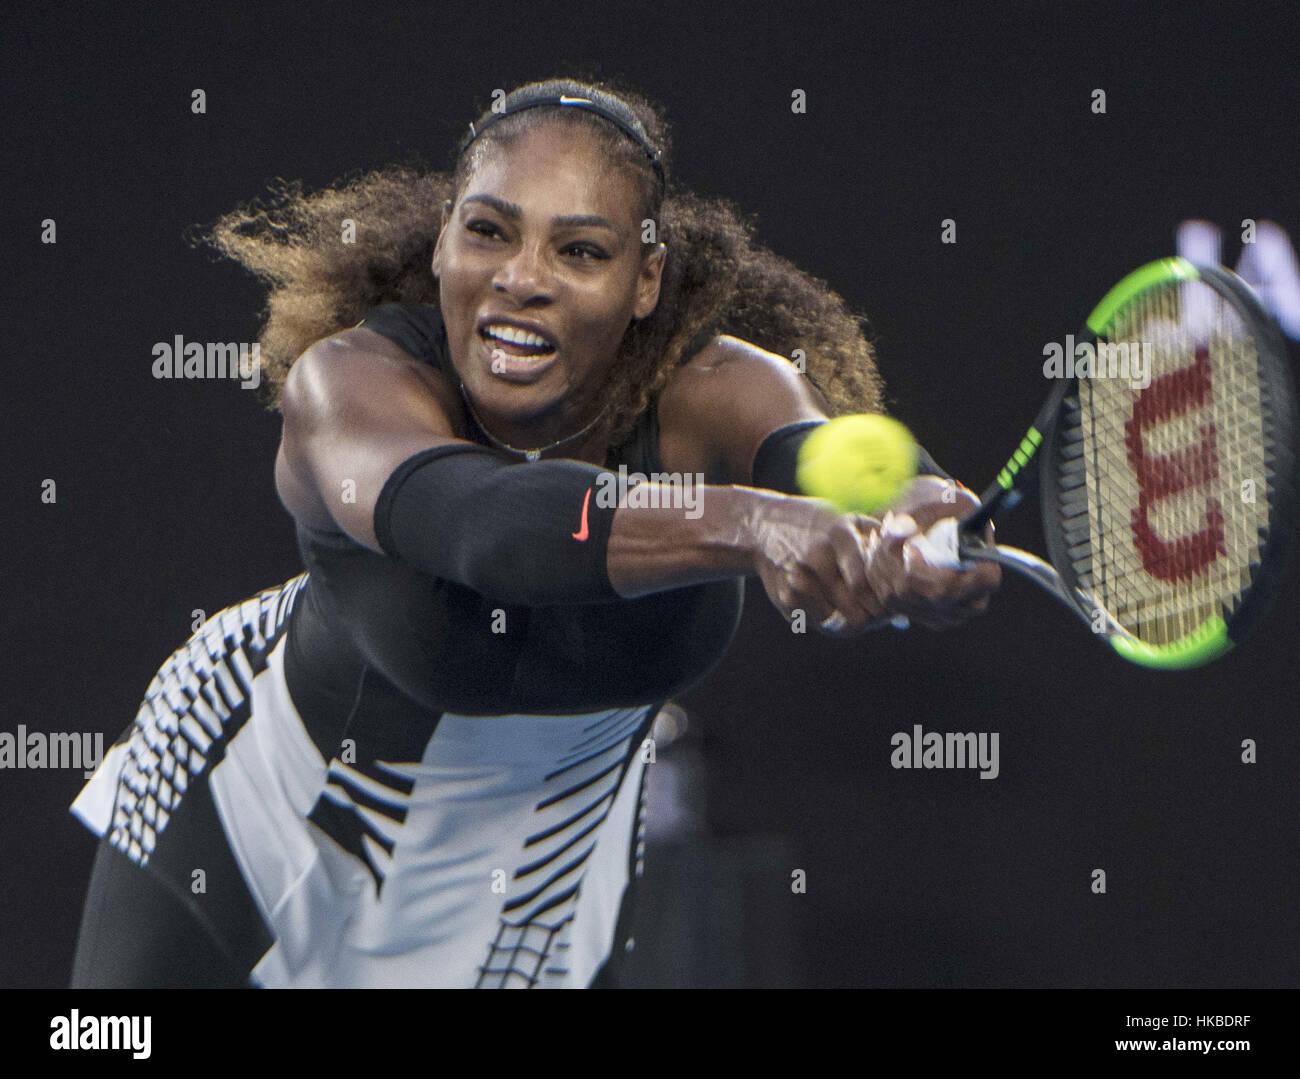 Melbourne, Australien. 28. Januar 2017. Vereinigten Staaten Serena Williams gibt den Ball während der Frauen Einzel Stockfoto